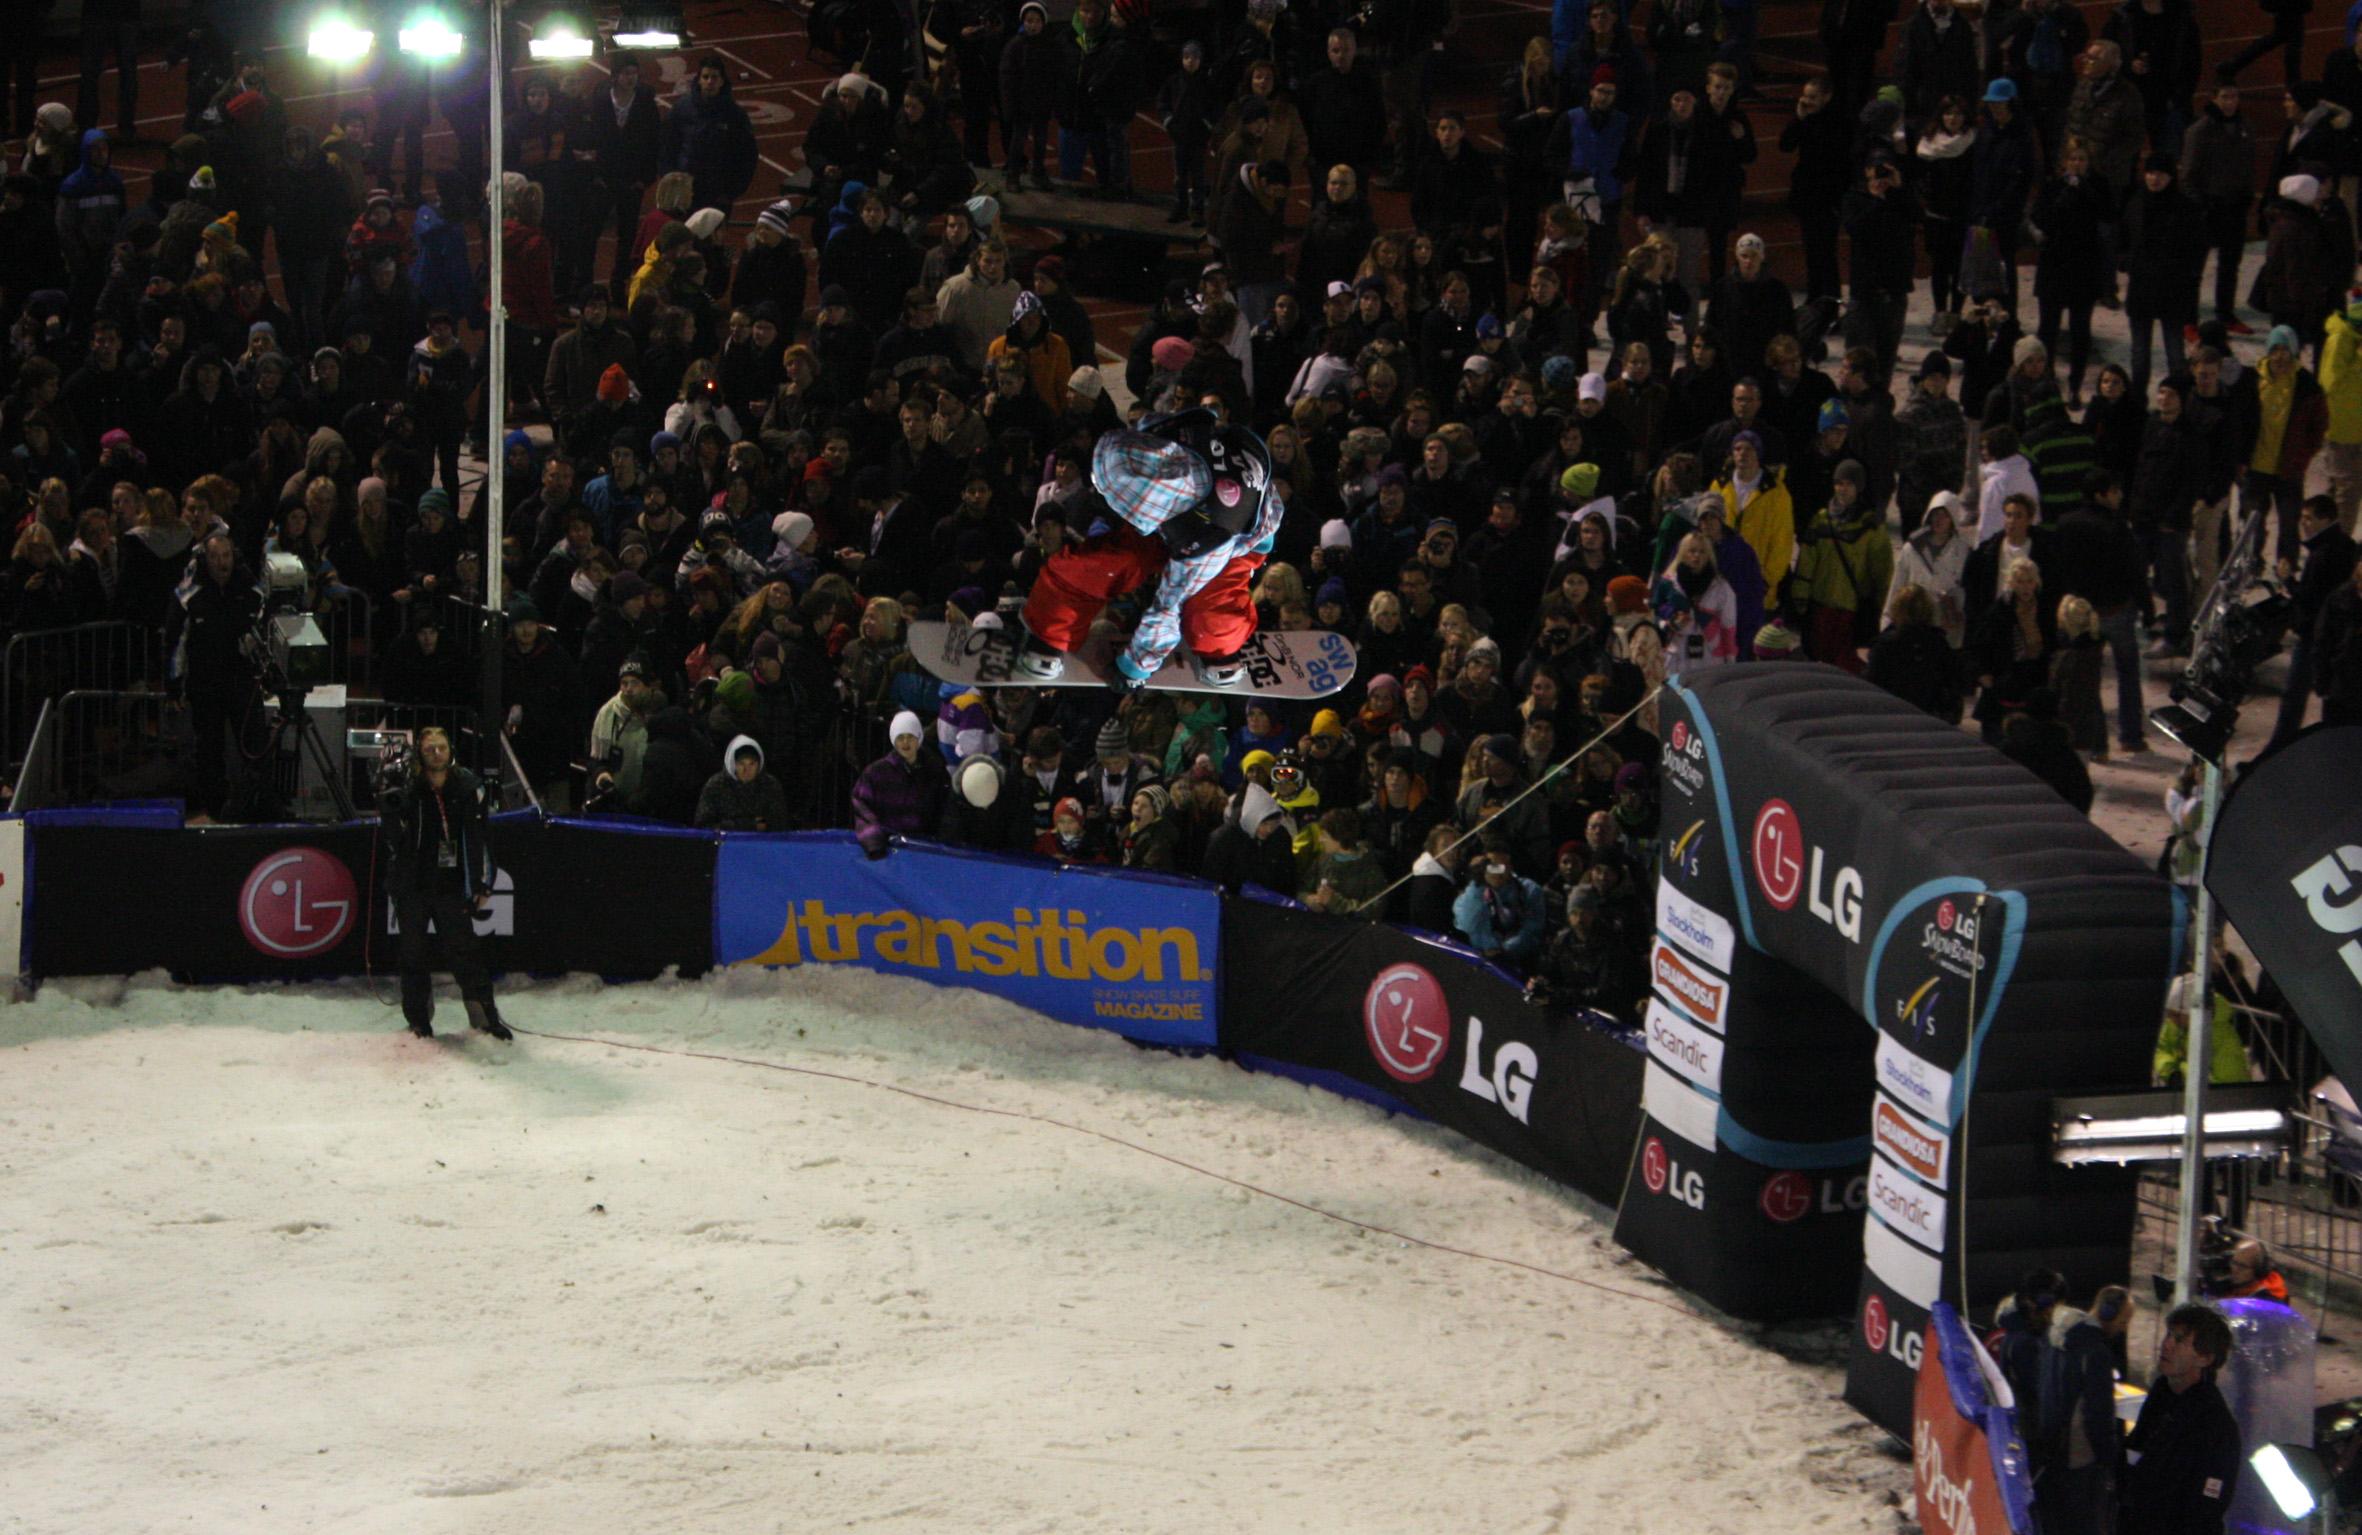 Gjermund Braaten beim Snowboard FIS World Cup 2010 in Stockholm Foto: FIS-Oliver Kraus